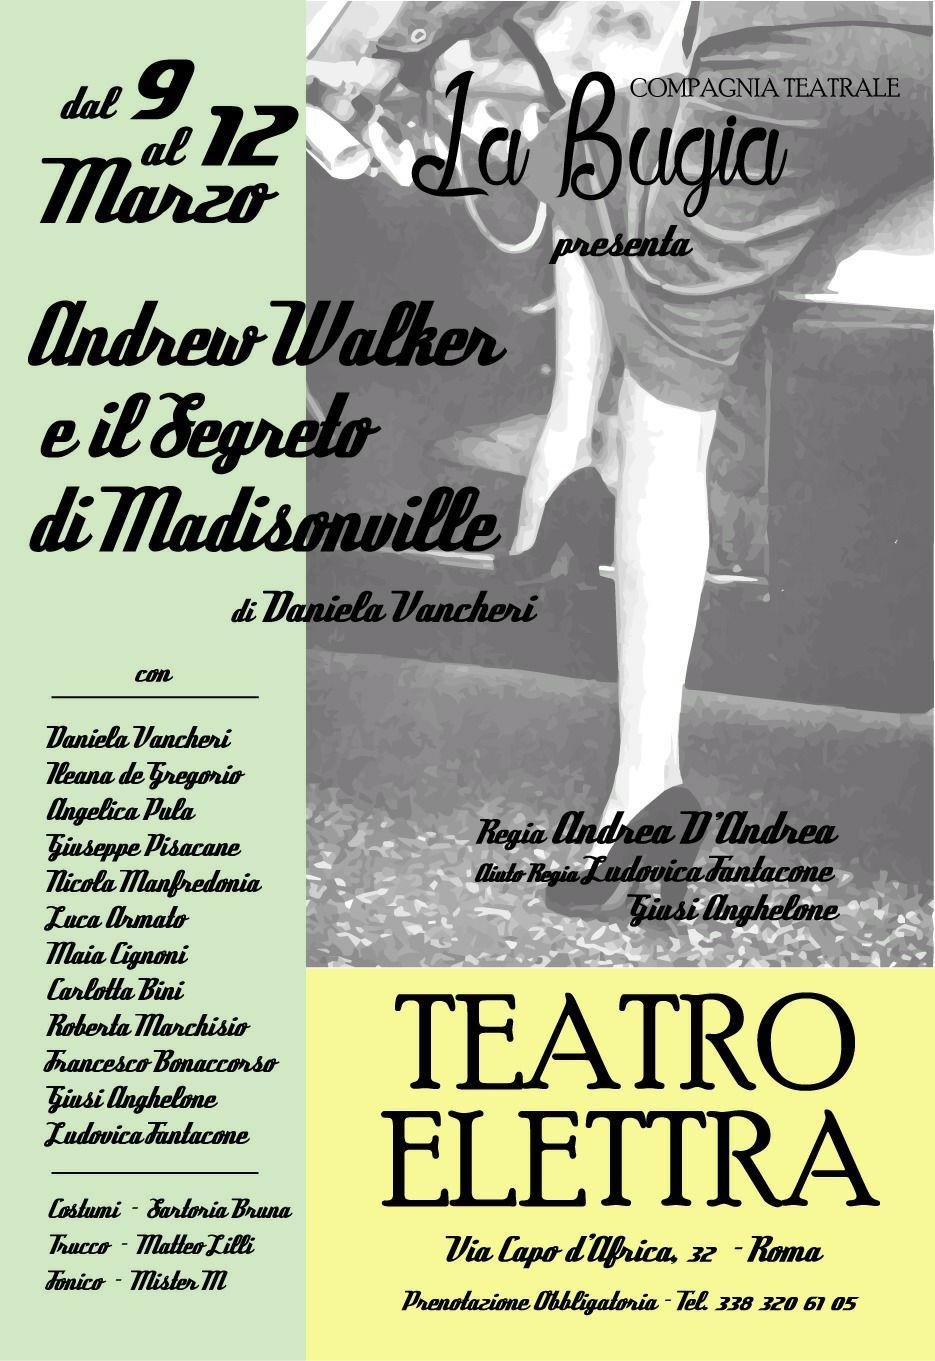 ANDREW WALKER E IL SEGRETO DI MADISONVILLE